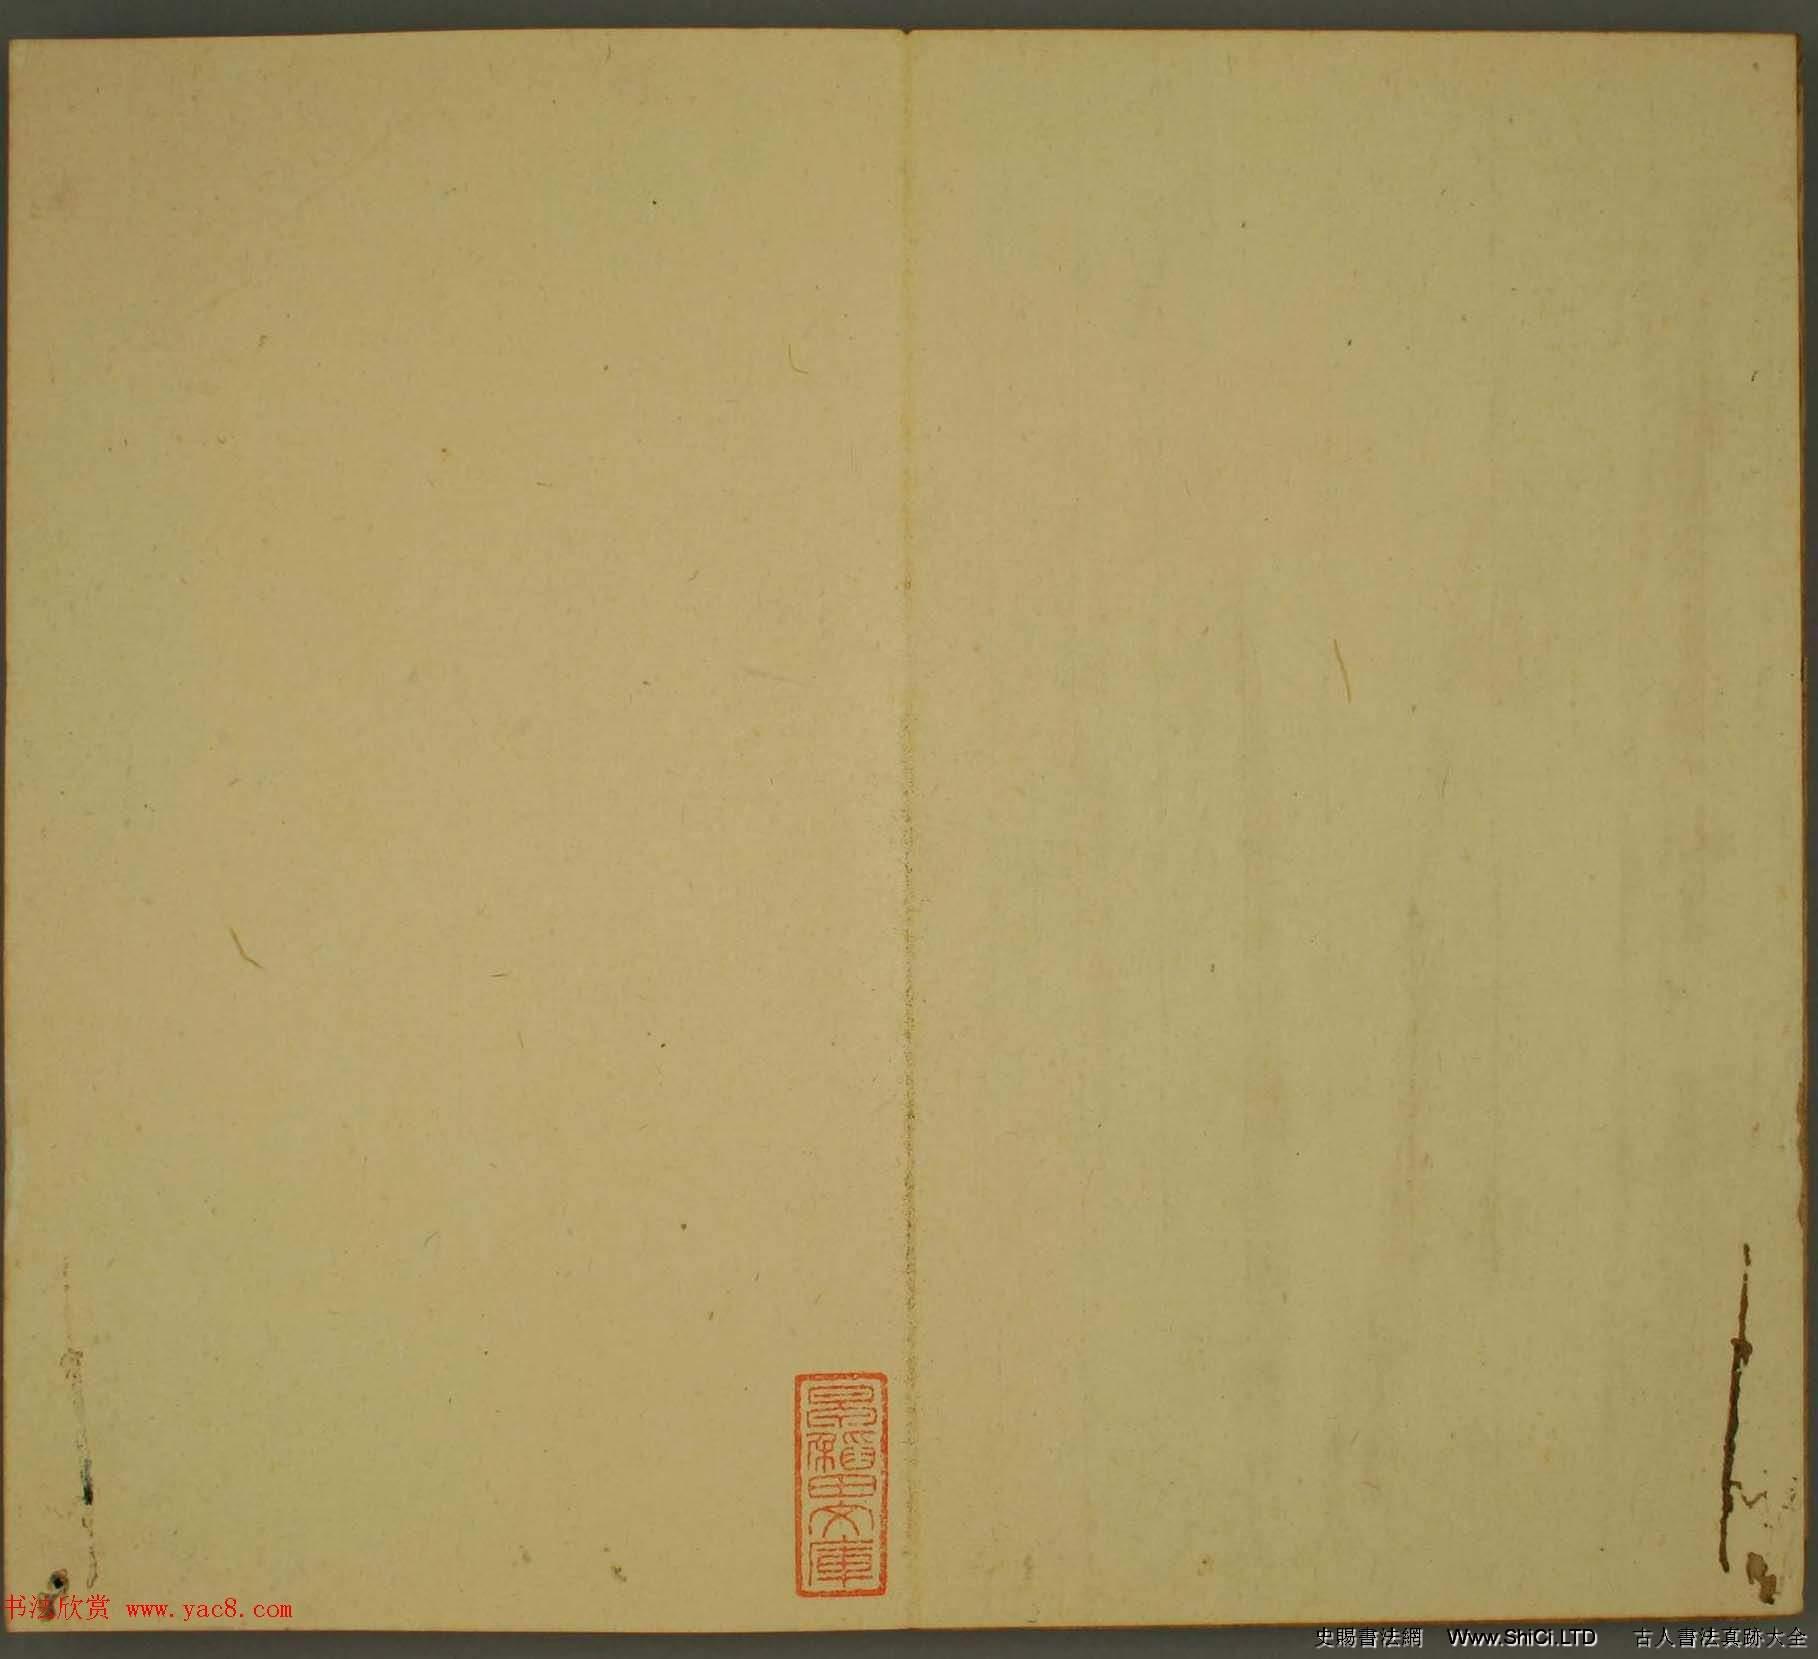 日本恭議行經卿書法真跡欣賞-世尊寺法書卷第三(共20張圖片)